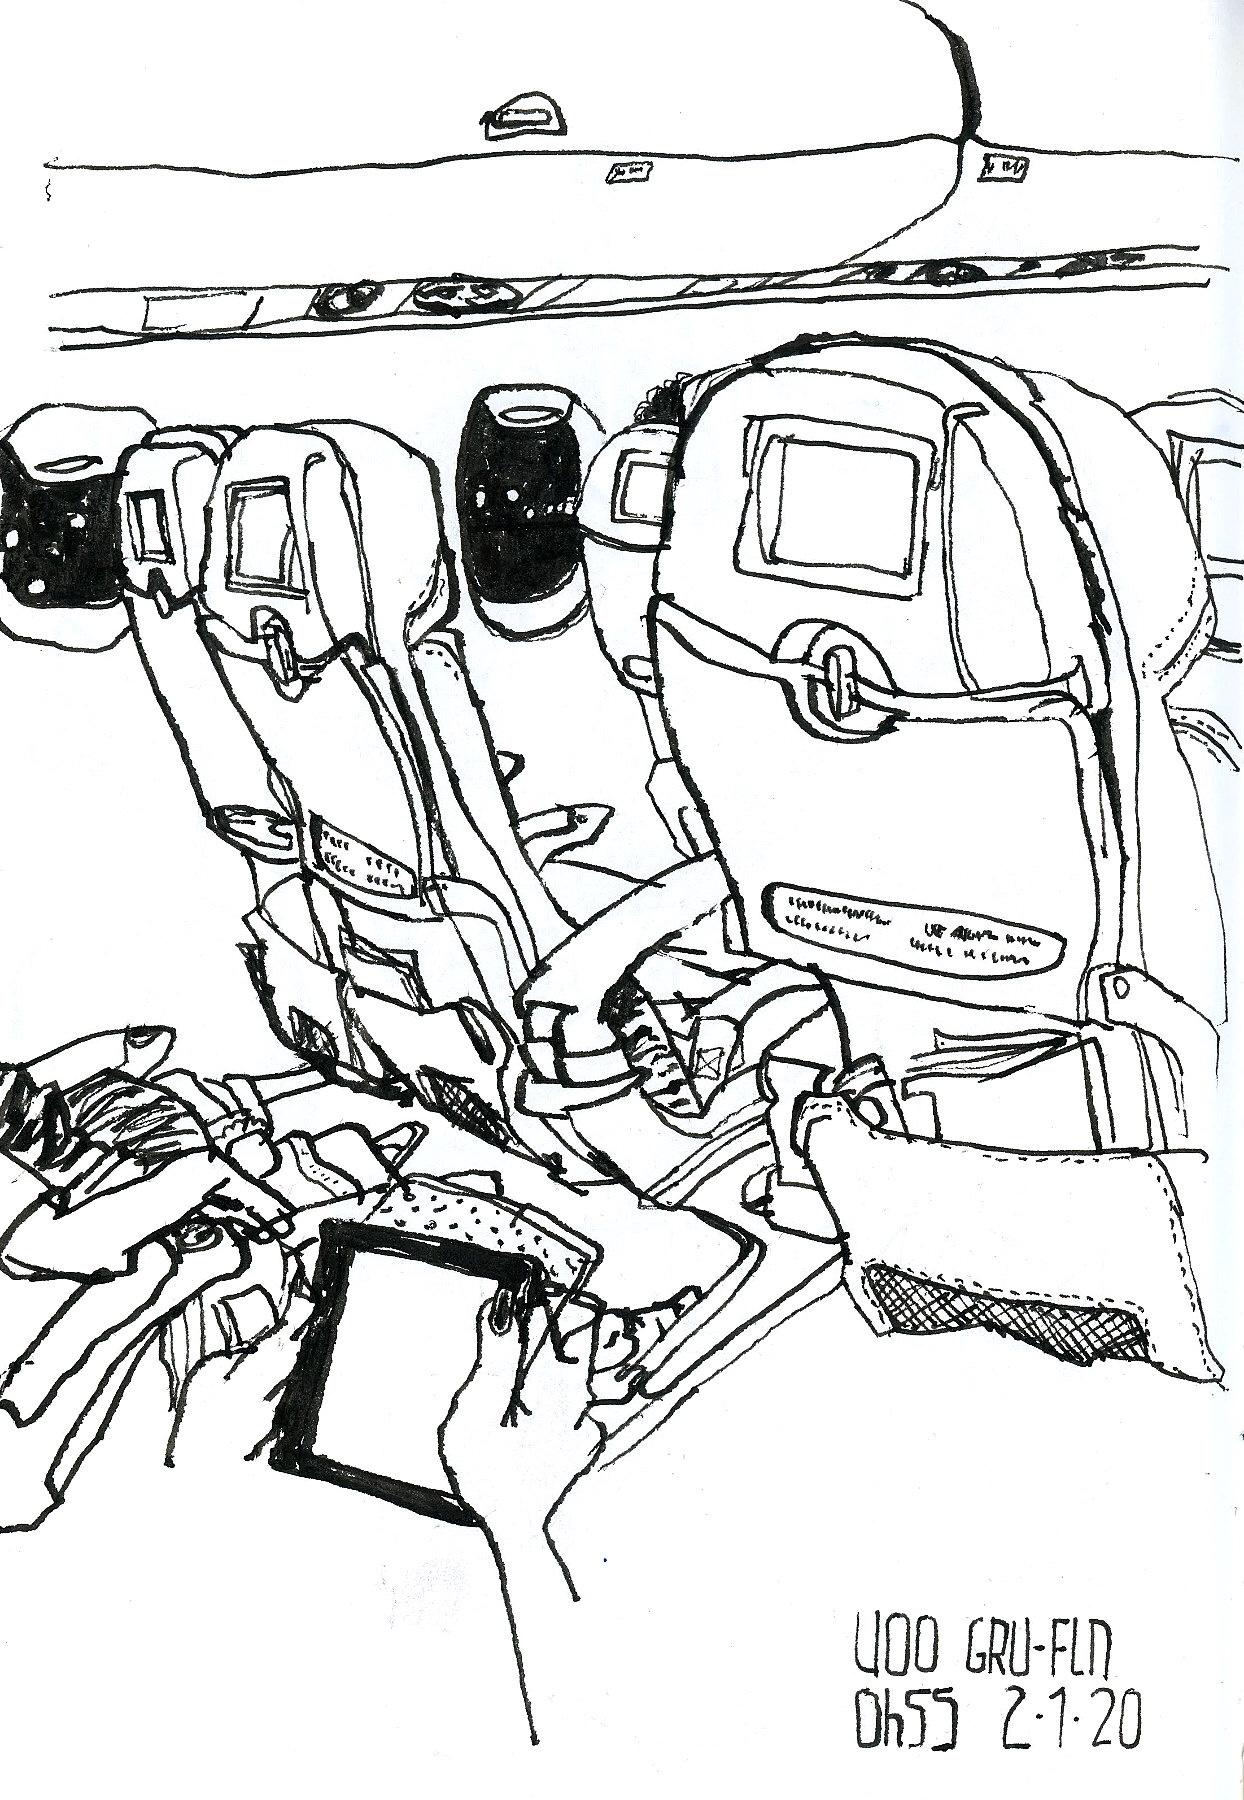 Desenho a traço do interior do avião mostrando a parte traseira das poltronas. Pela janela, vê-se que já é noite